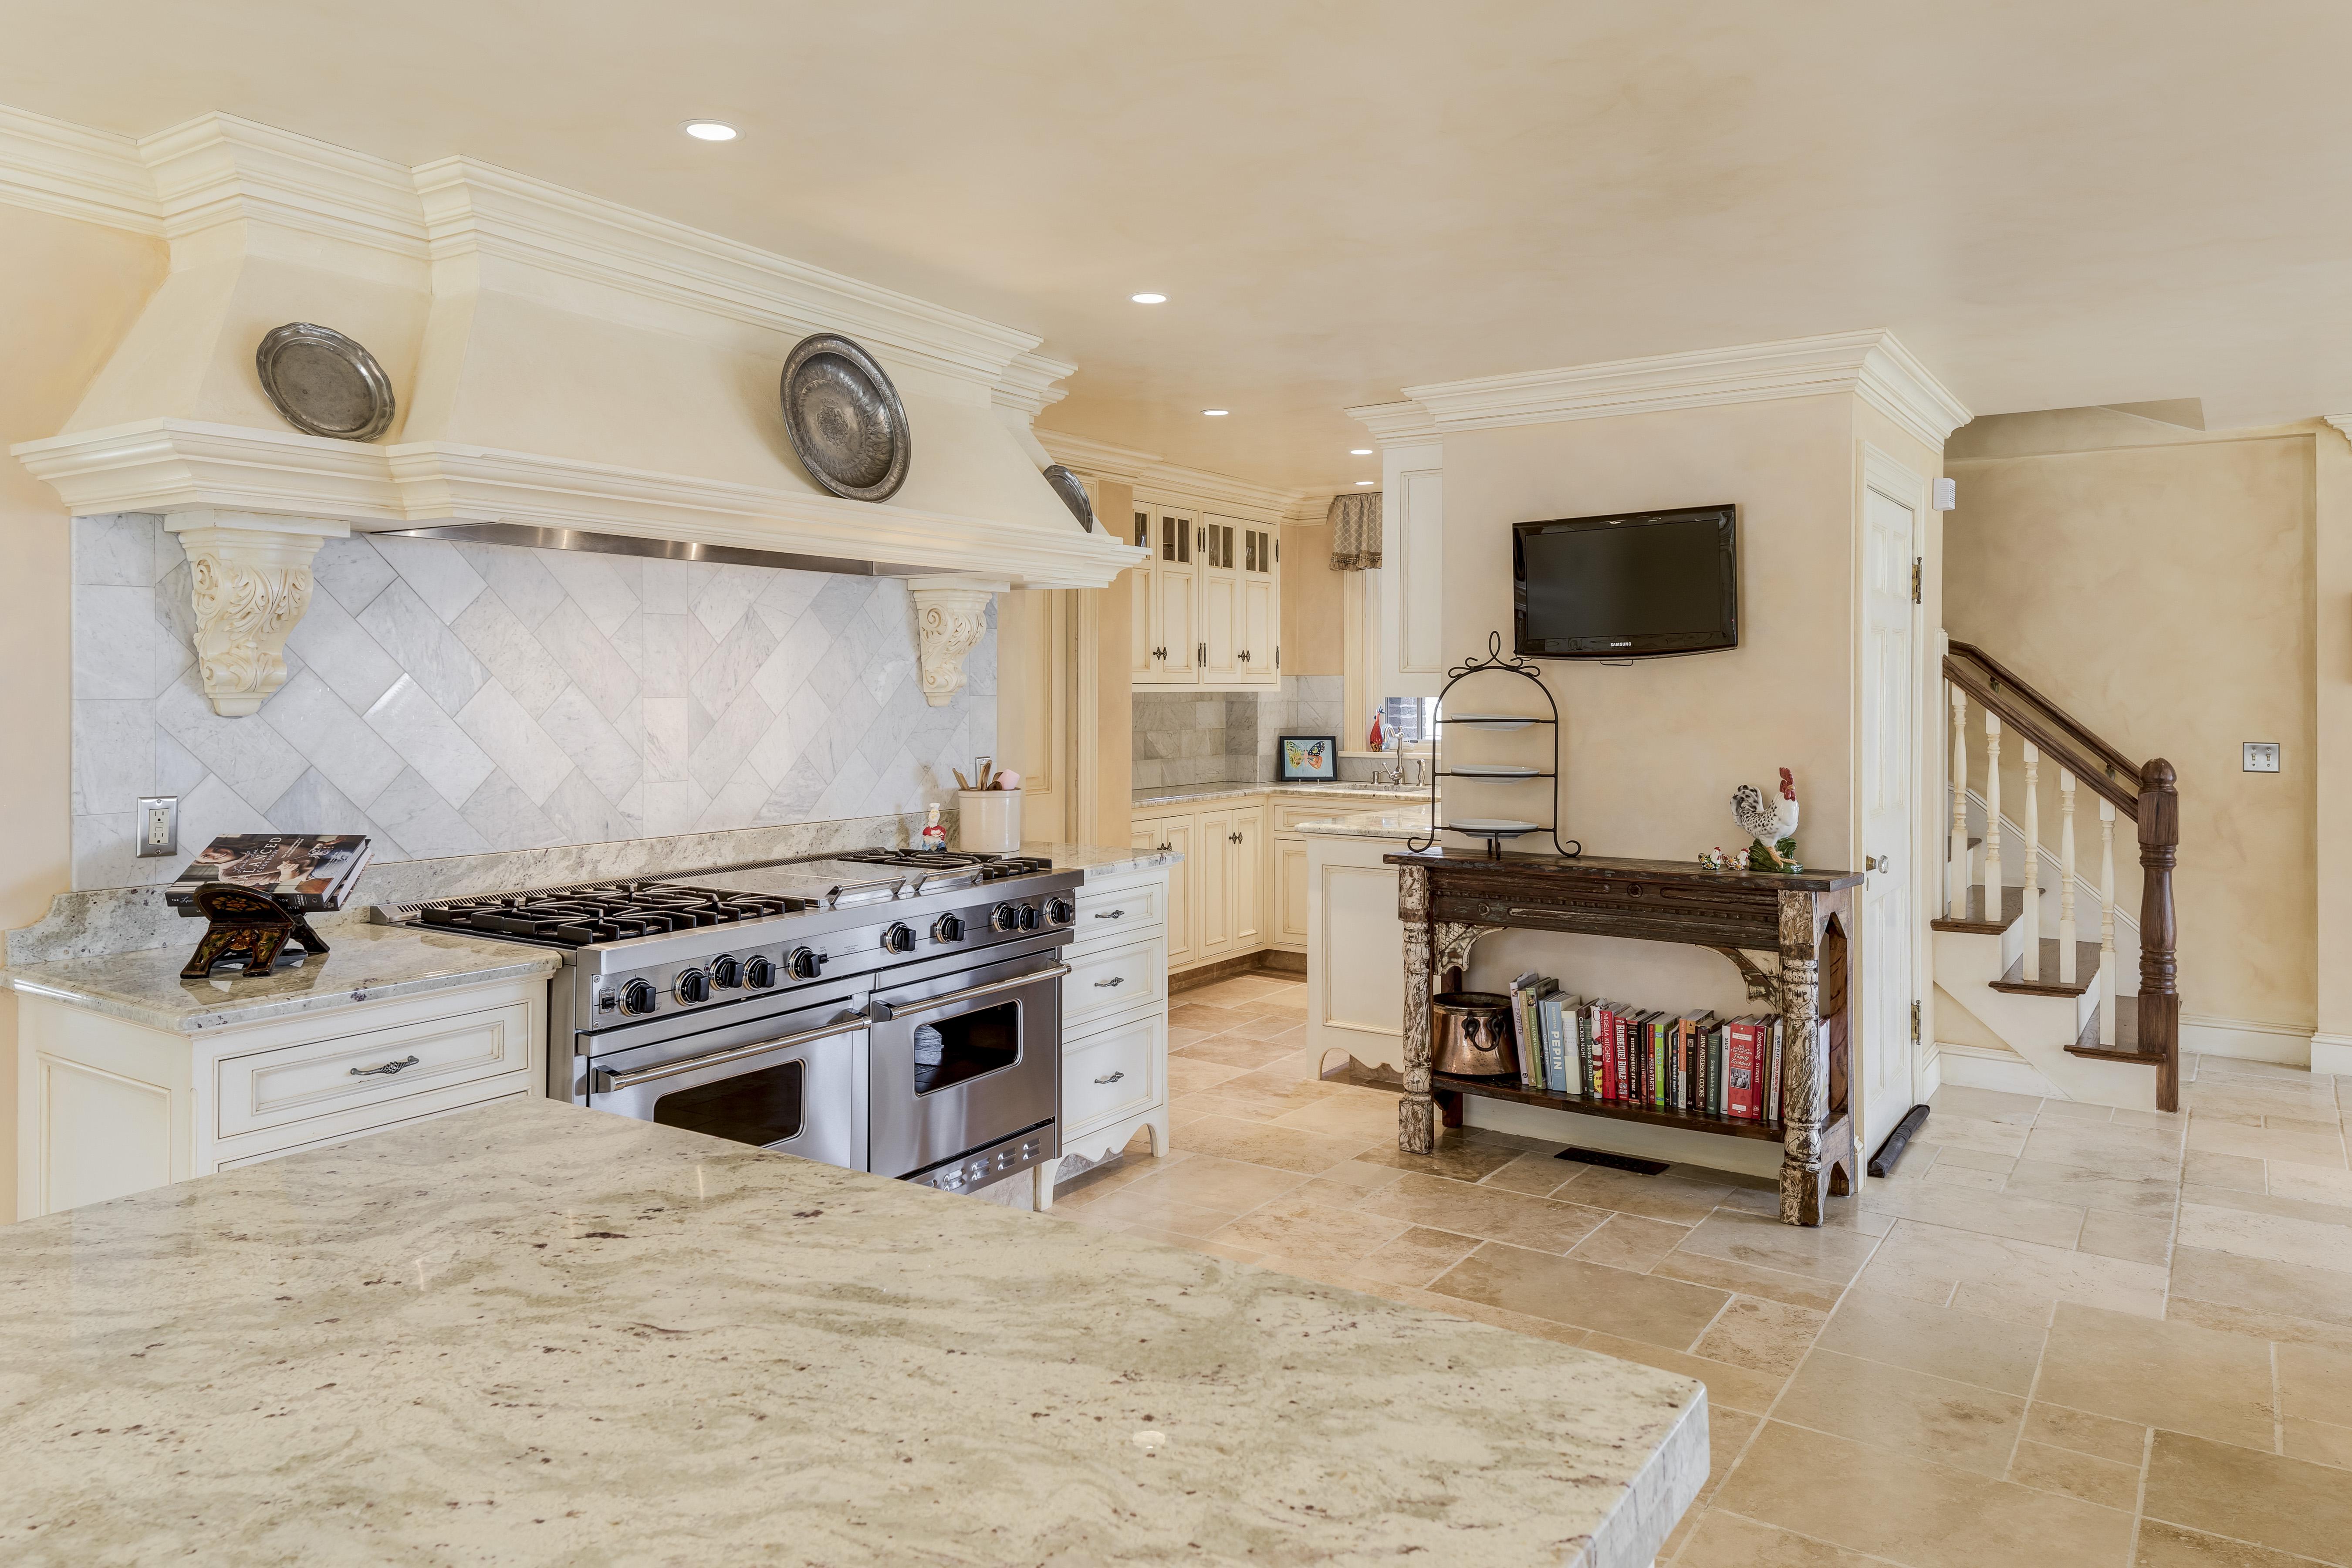 Luxury Home - kitchen